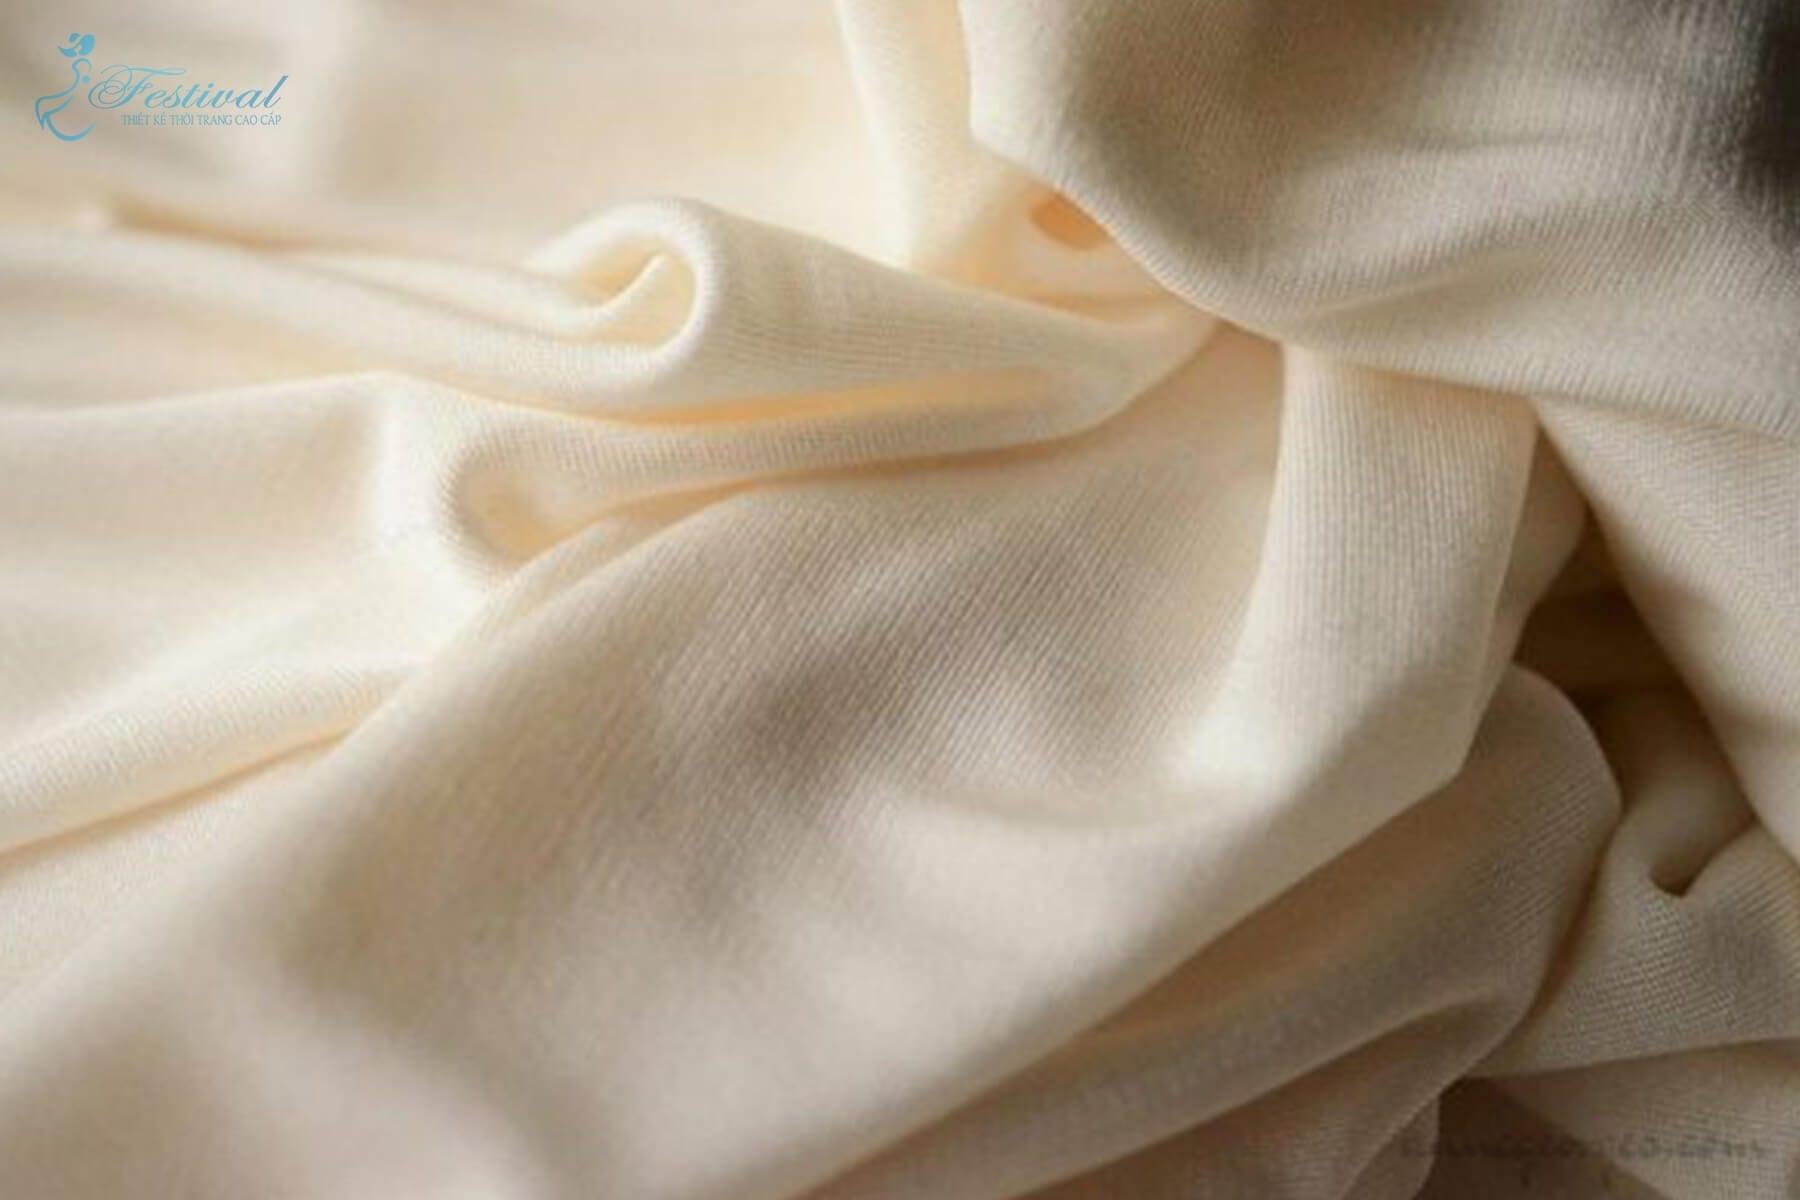 Quy trình sản xuất - Vải cotton là gì? Hiểu rõ hơn về các loại vải cotton